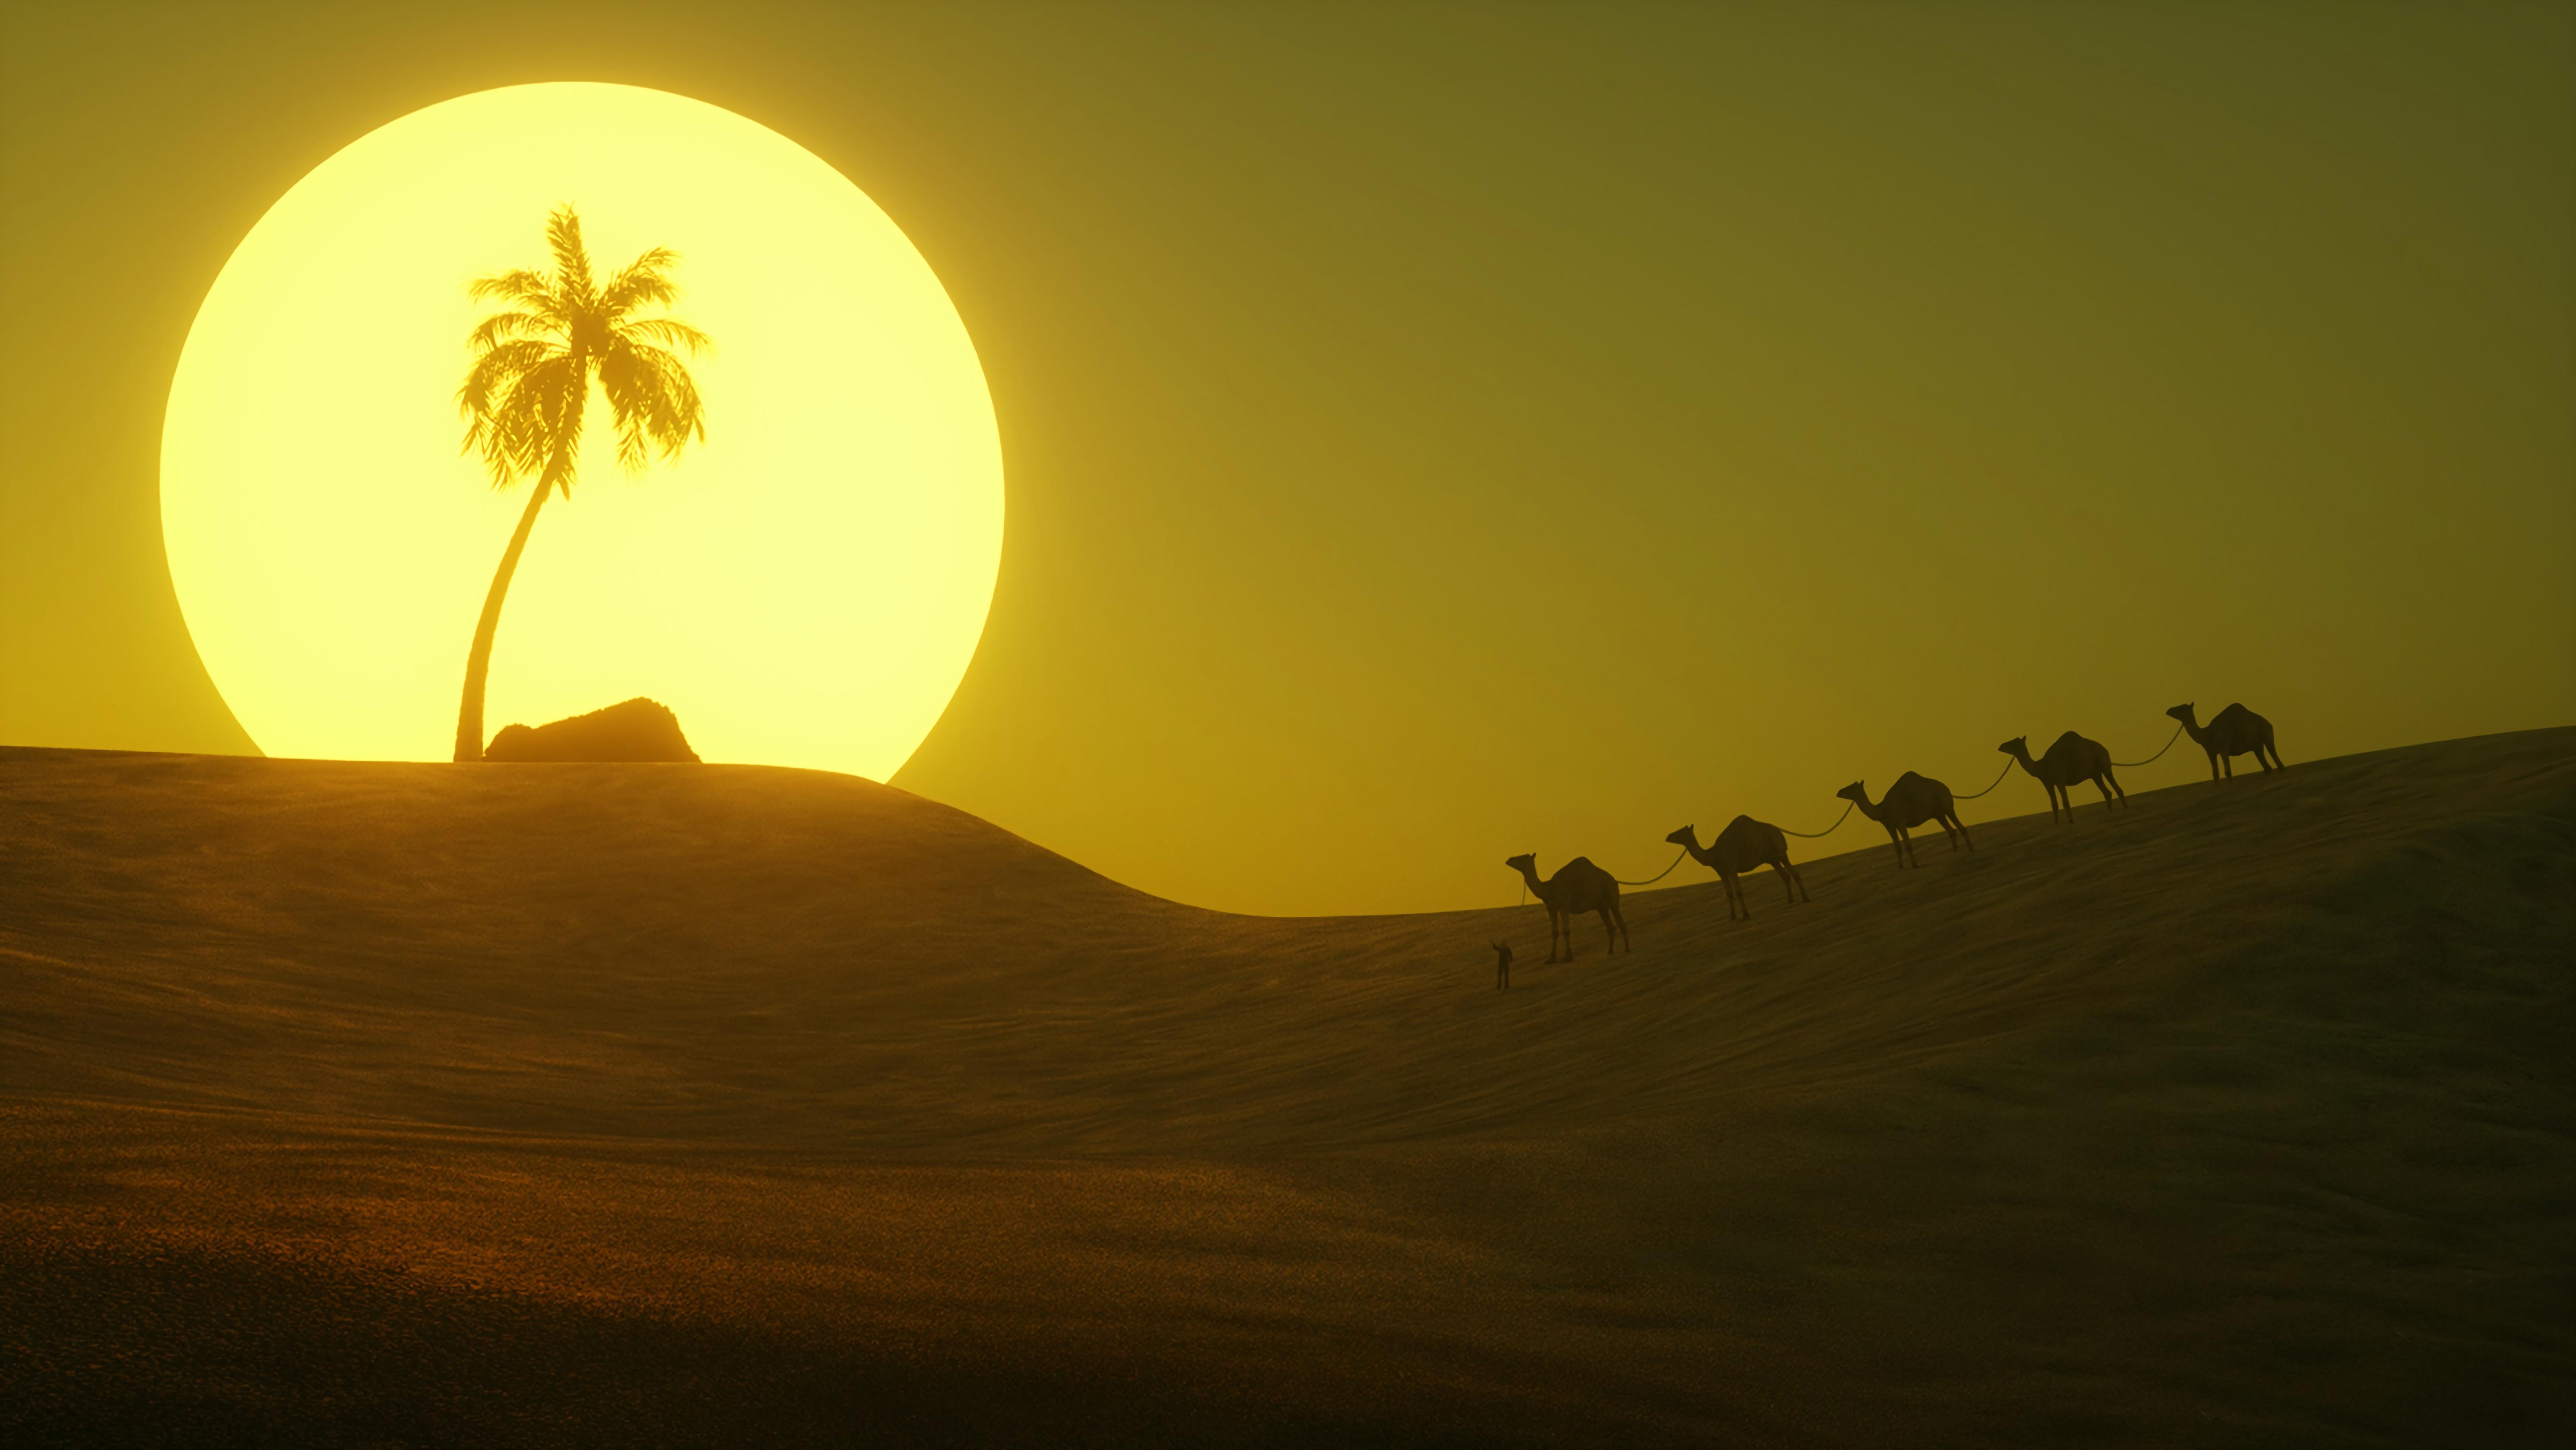 130081 Заставки и Обои Пустыня на телефон. Скачать Арт, Солнце, Пустыня, Пальма, Холм картинки бесплатно